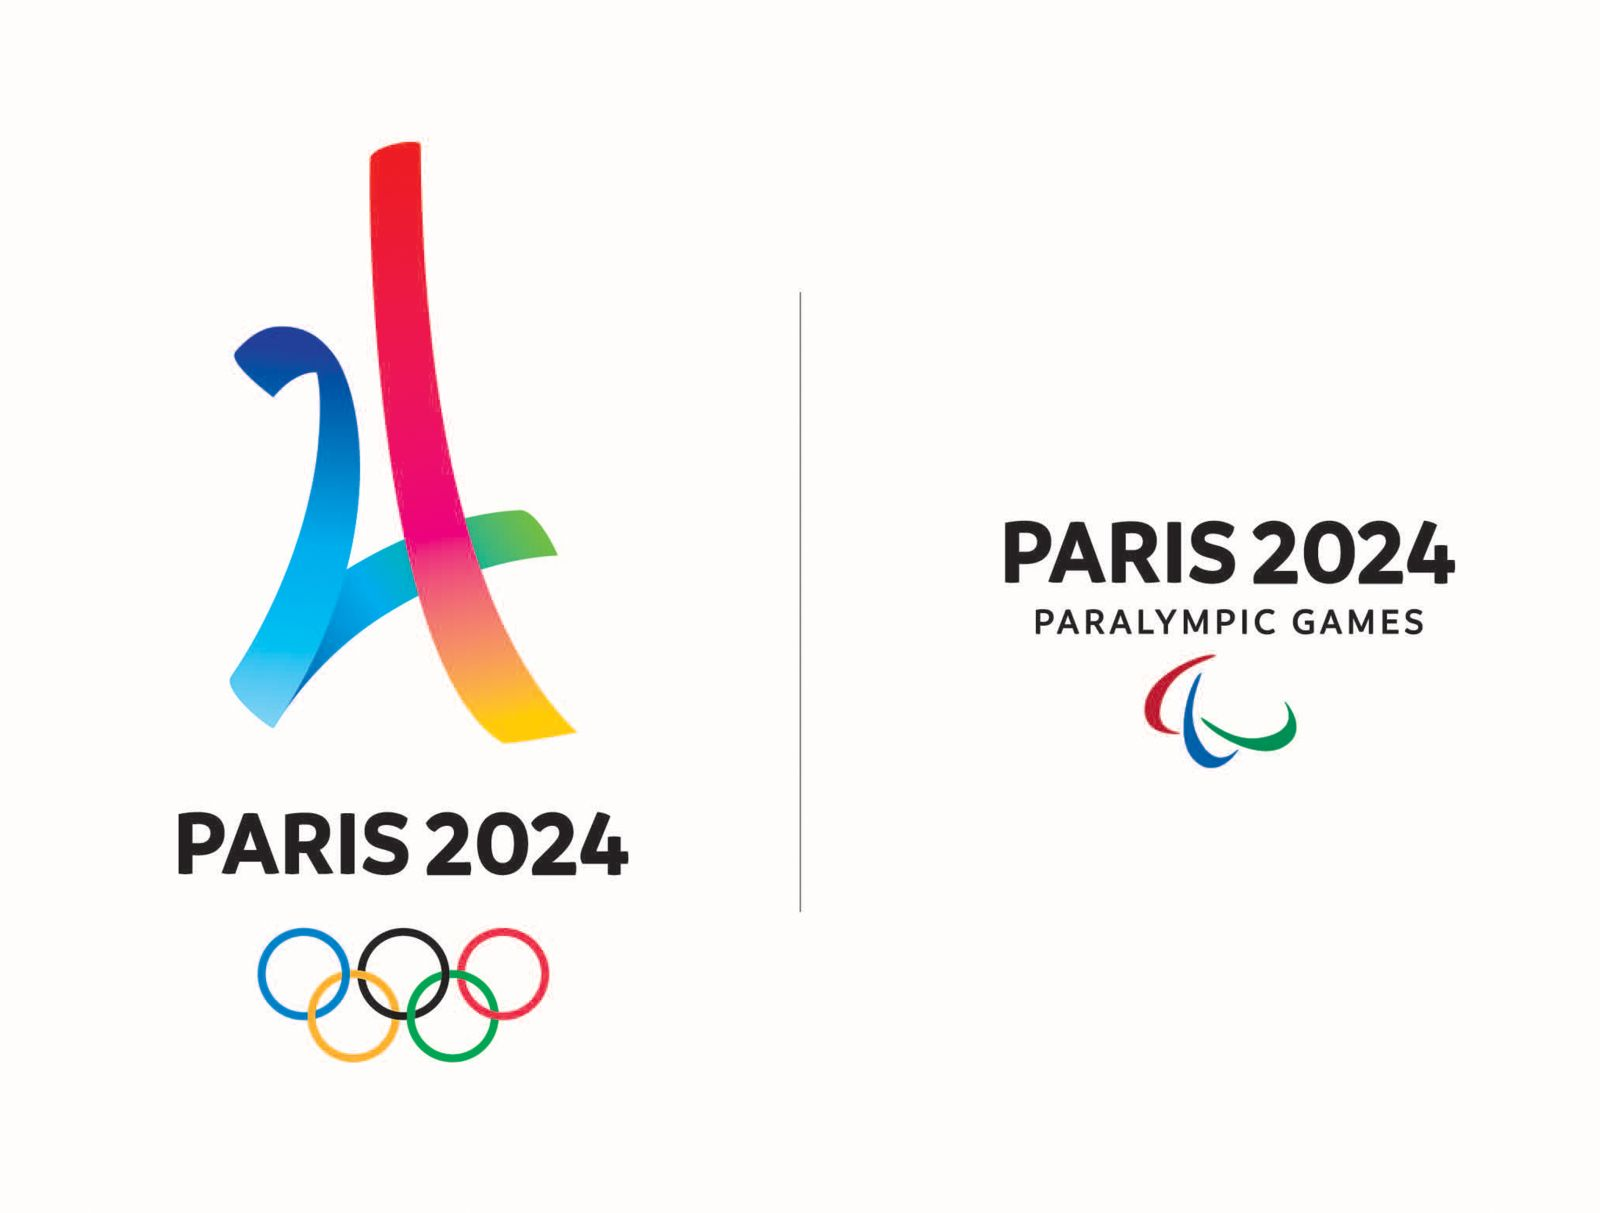 Париж 2024: утверждены даты проведения Олимпийских и Паралимпийских Игр